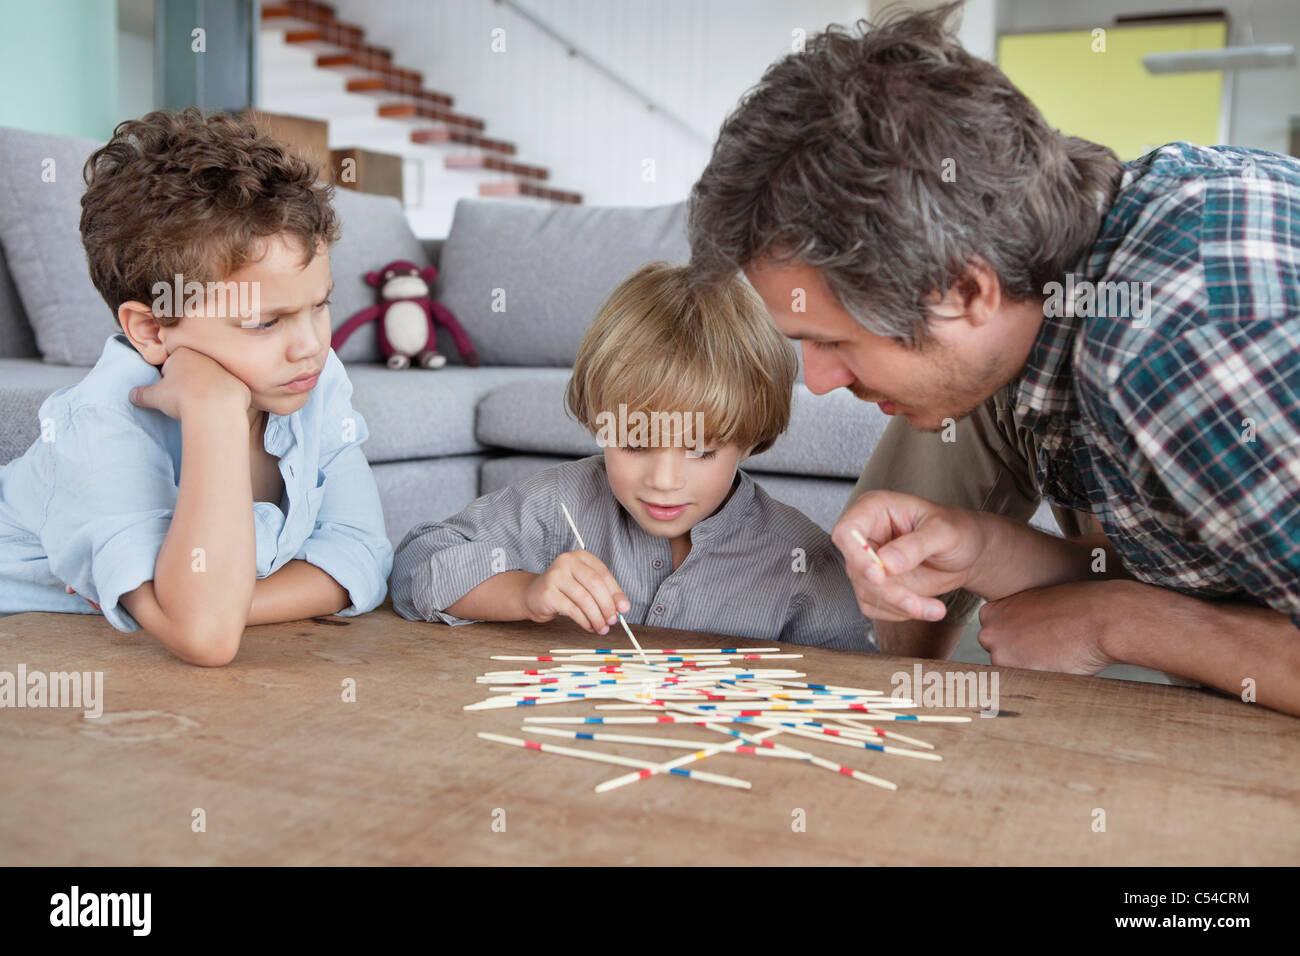 Mann spielen holen Stöcke mit seinen Söhnen Stockfoto